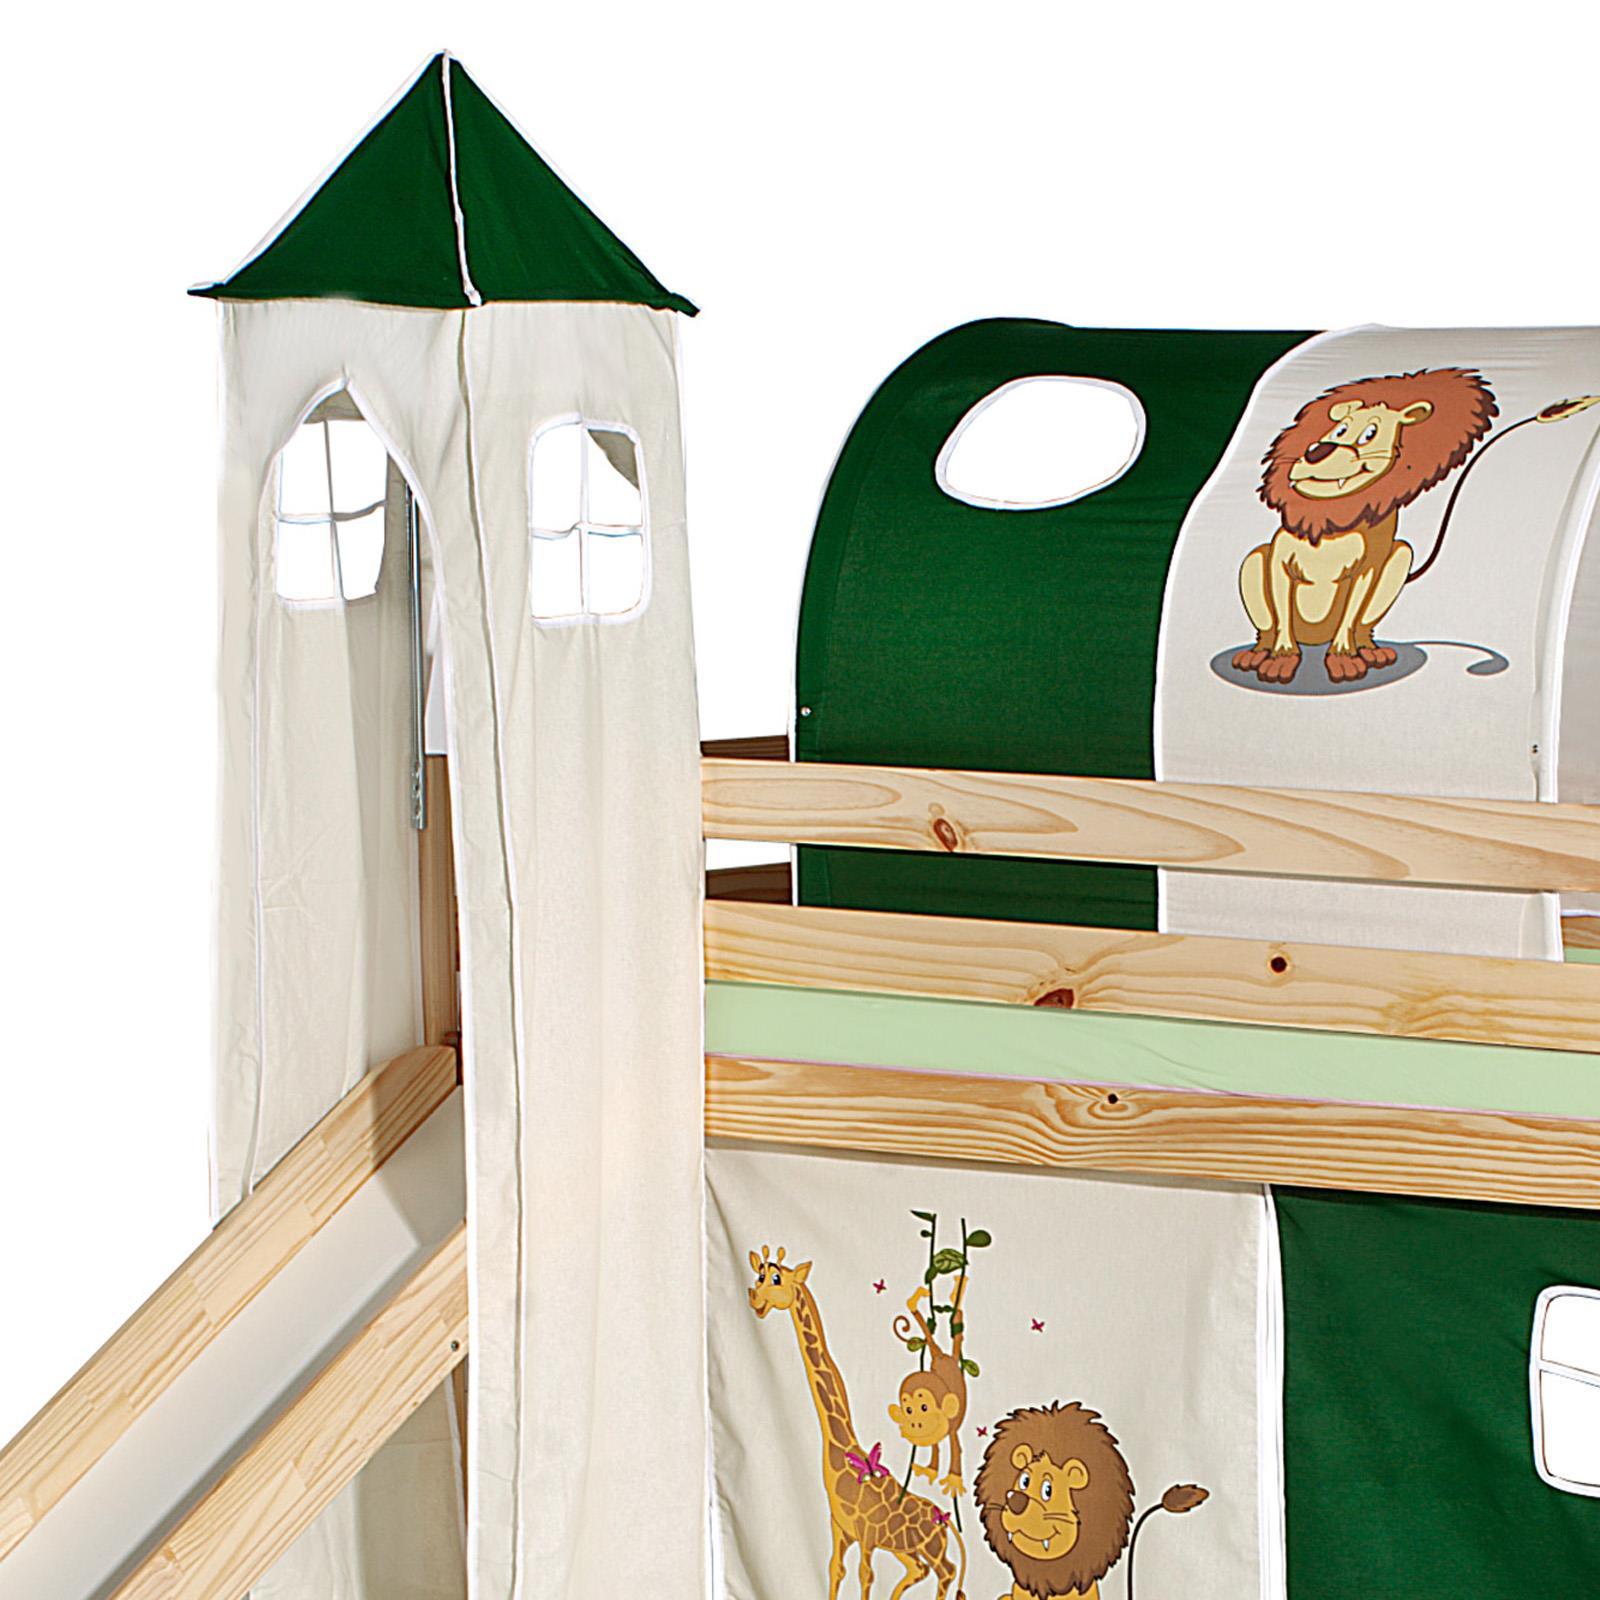 doppelbett mit rutsche latest hochbett mit rutsche und with doppelbett mit rutsche latest. Black Bedroom Furniture Sets. Home Design Ideas